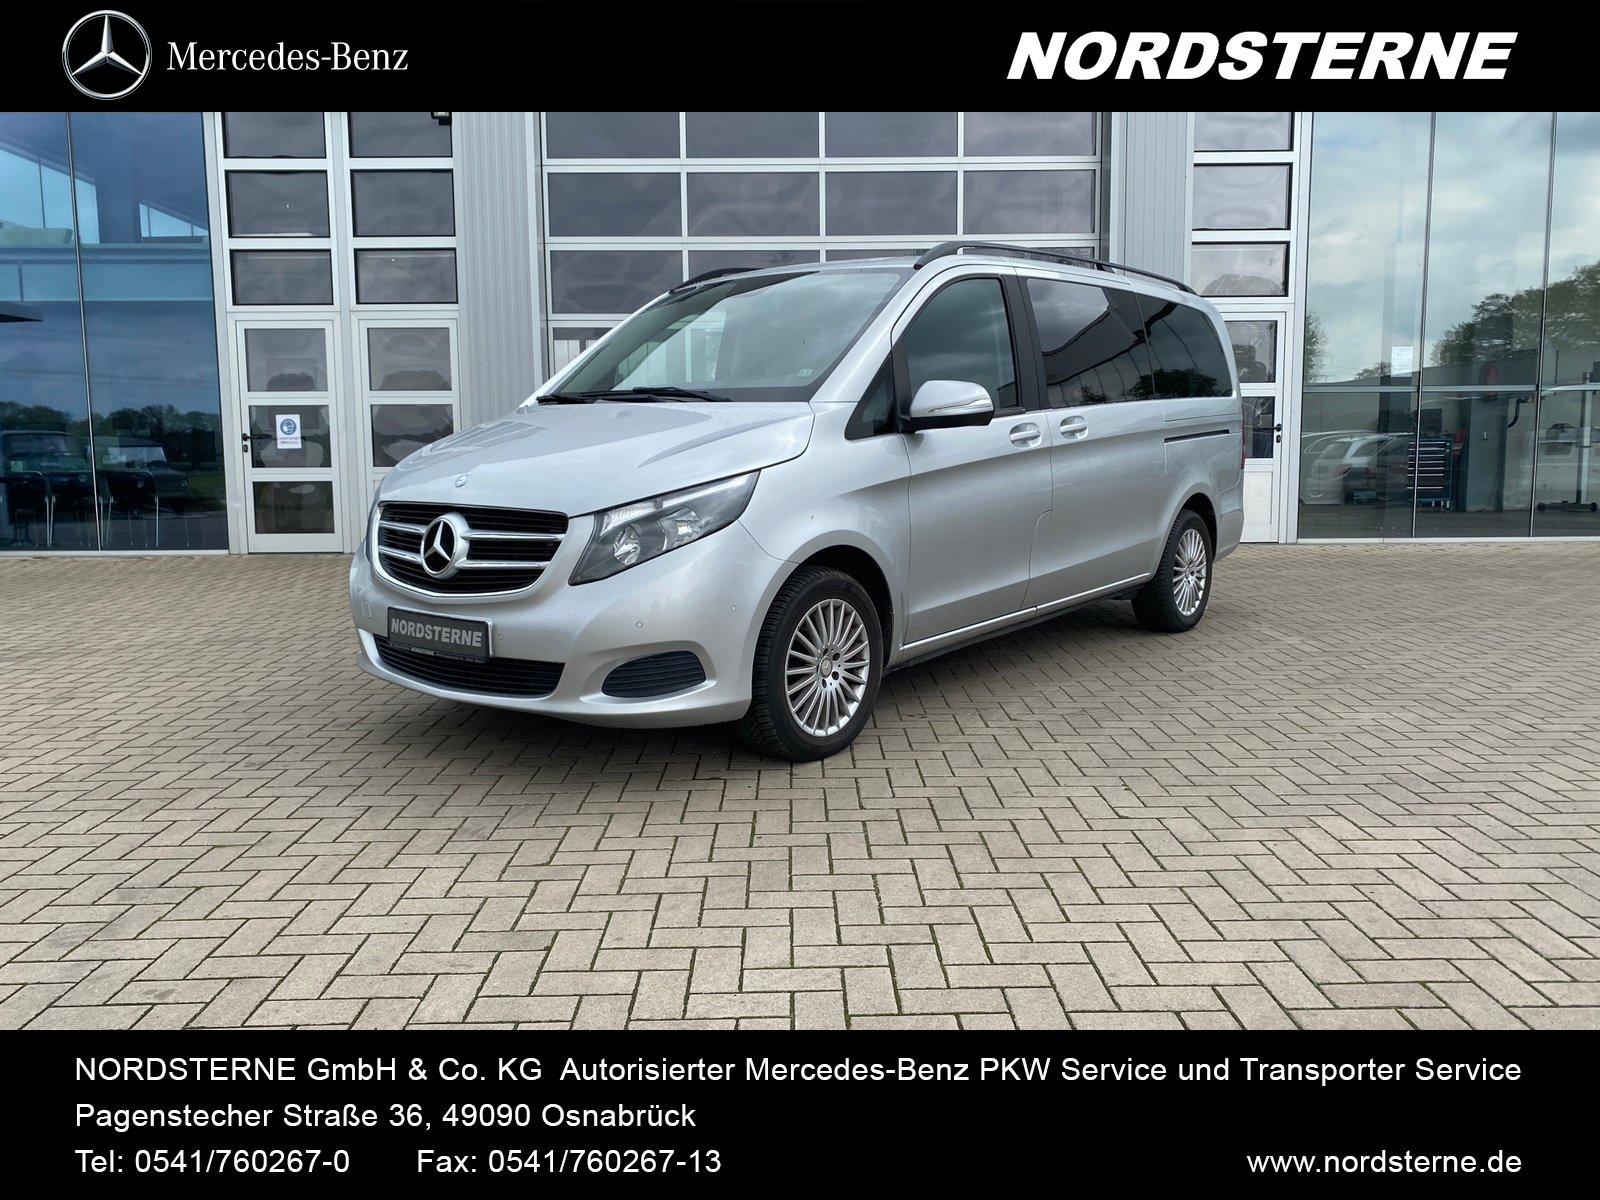 Mercedes-Benz V 220 d L Automatik 2x Schiebetür 2x Klima NAVI, Jahr 2014, Diesel